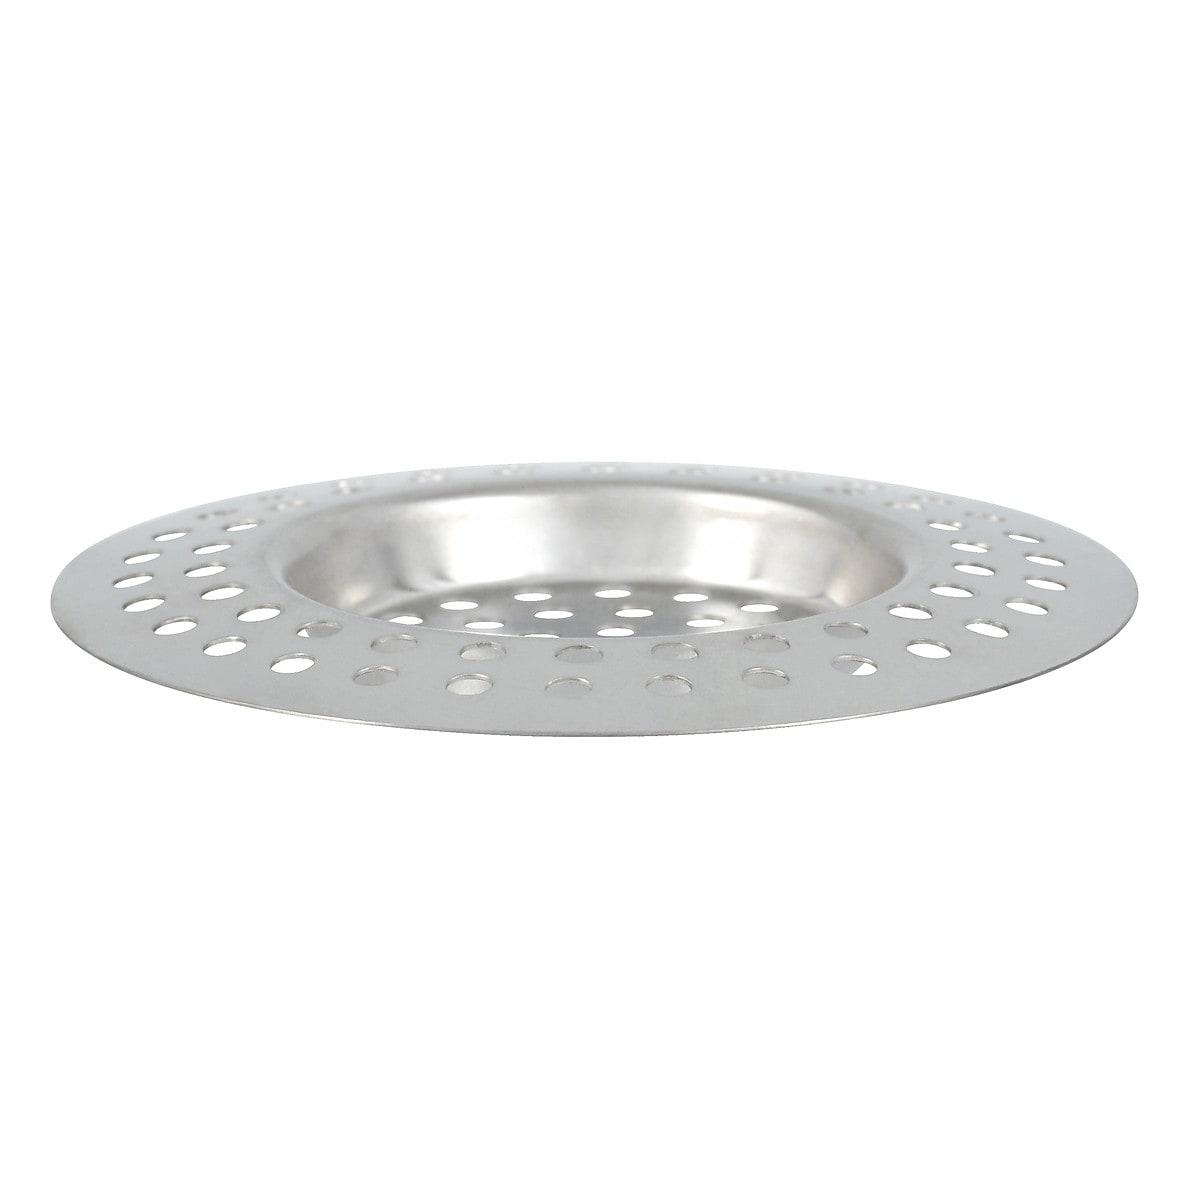 Sil for oppvaskkum, rustfritt stål